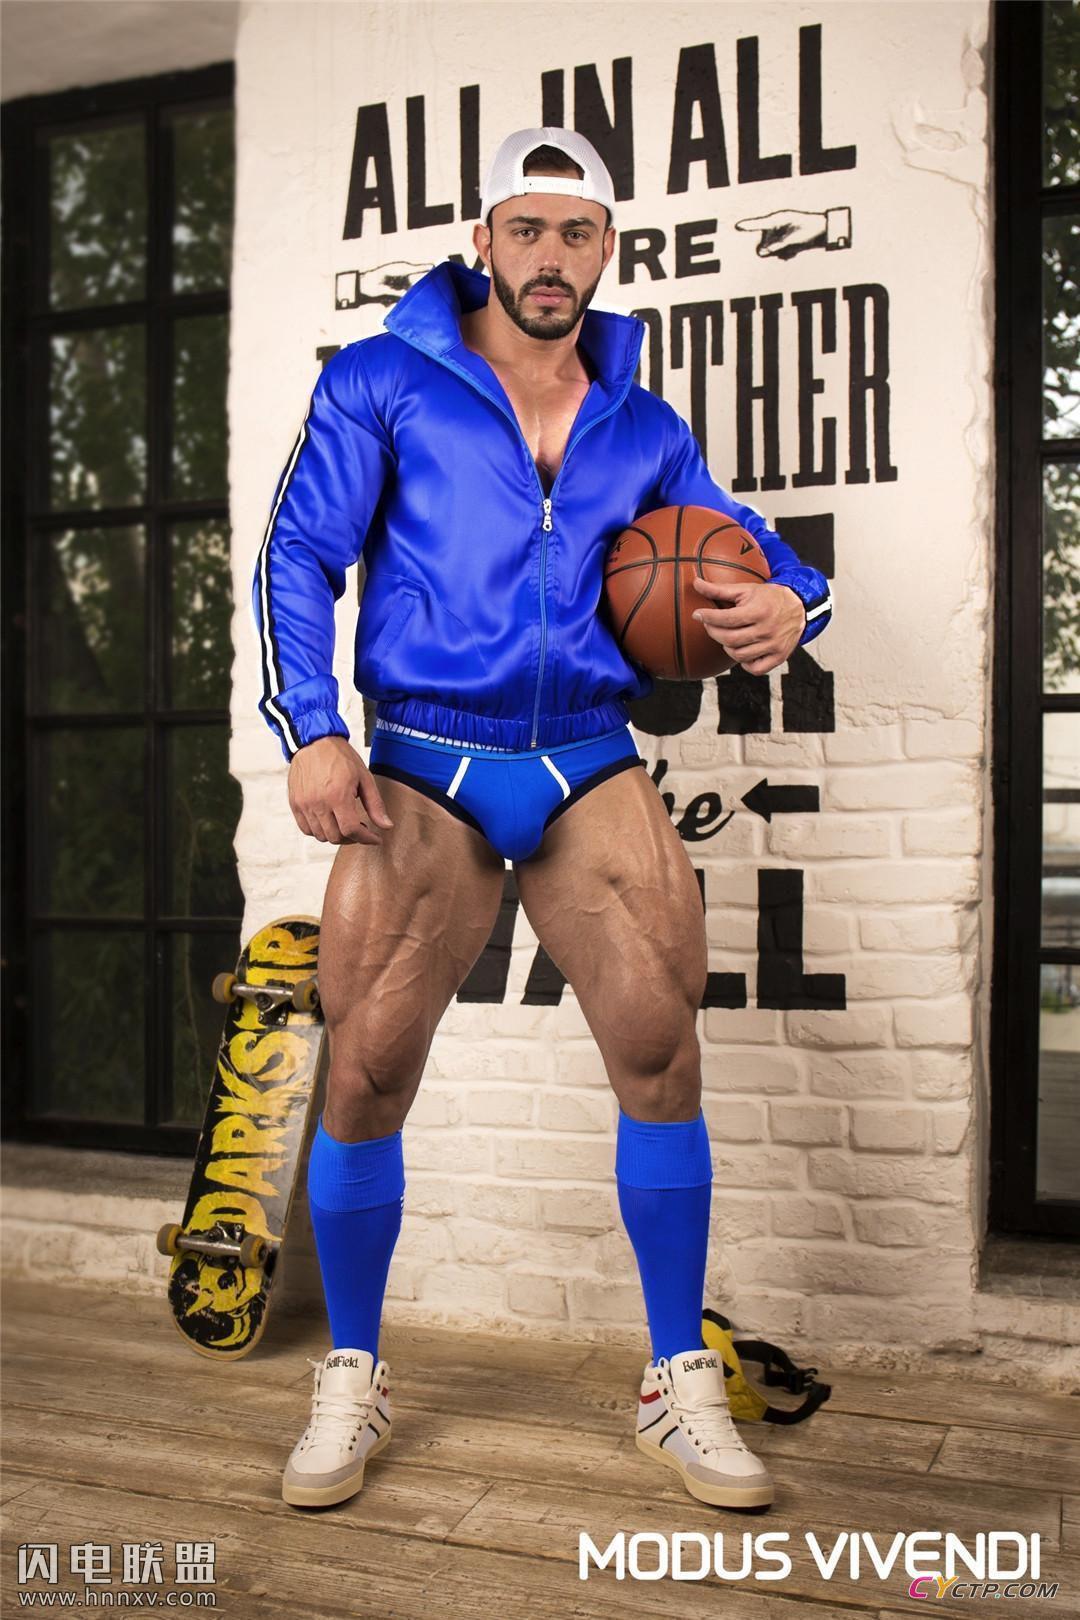 欧美肌肉型男大秀身材杂志封面写真图片